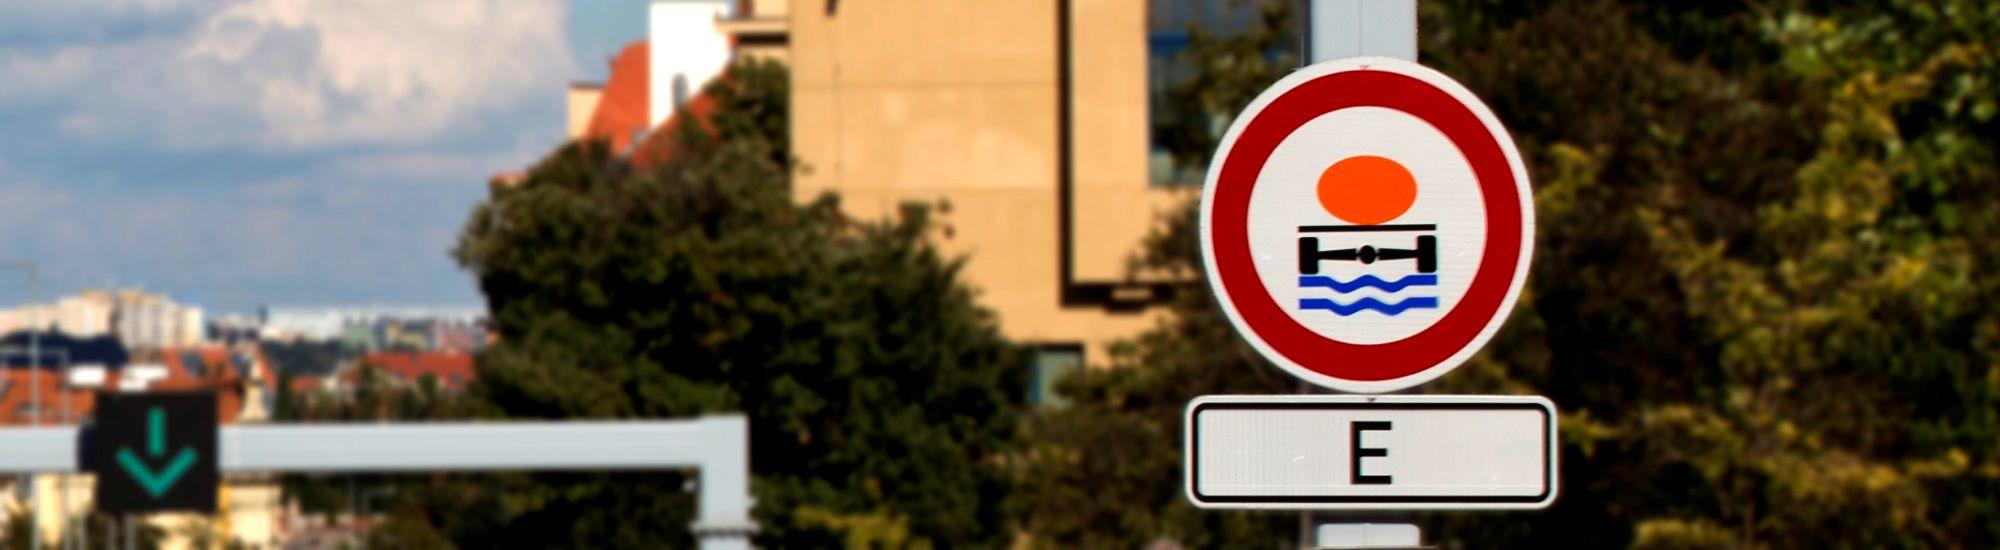 Informace pro řidiče nákladních vozidel